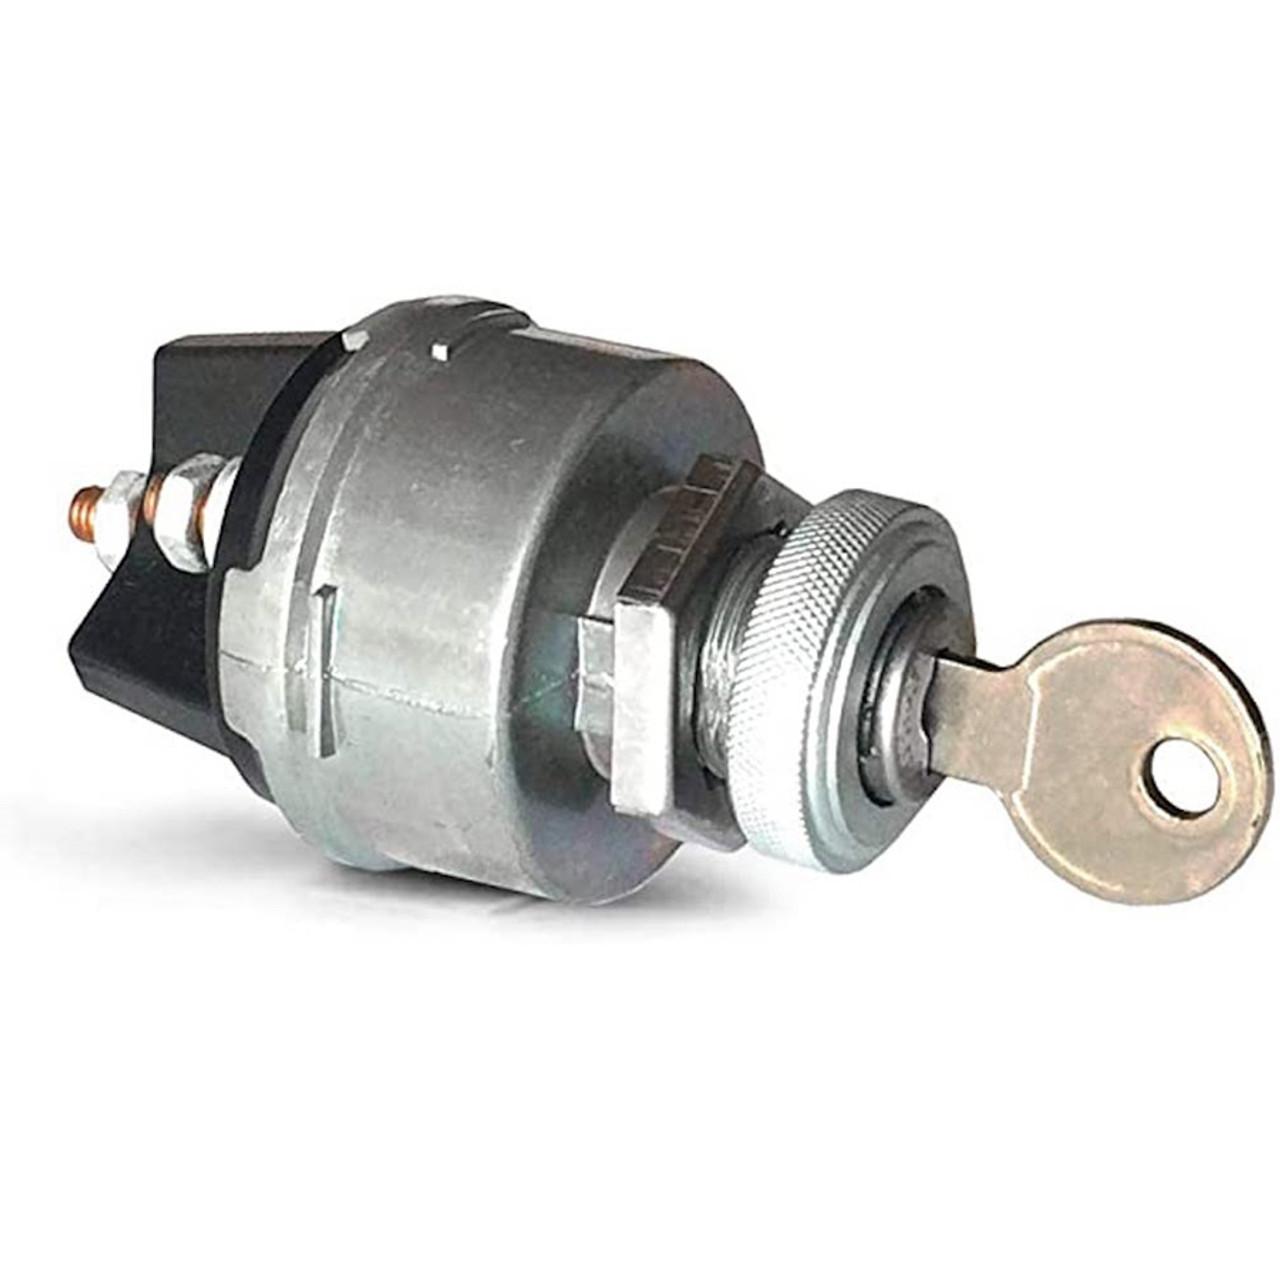 Electric Starter Key Switch Kit - WKS1